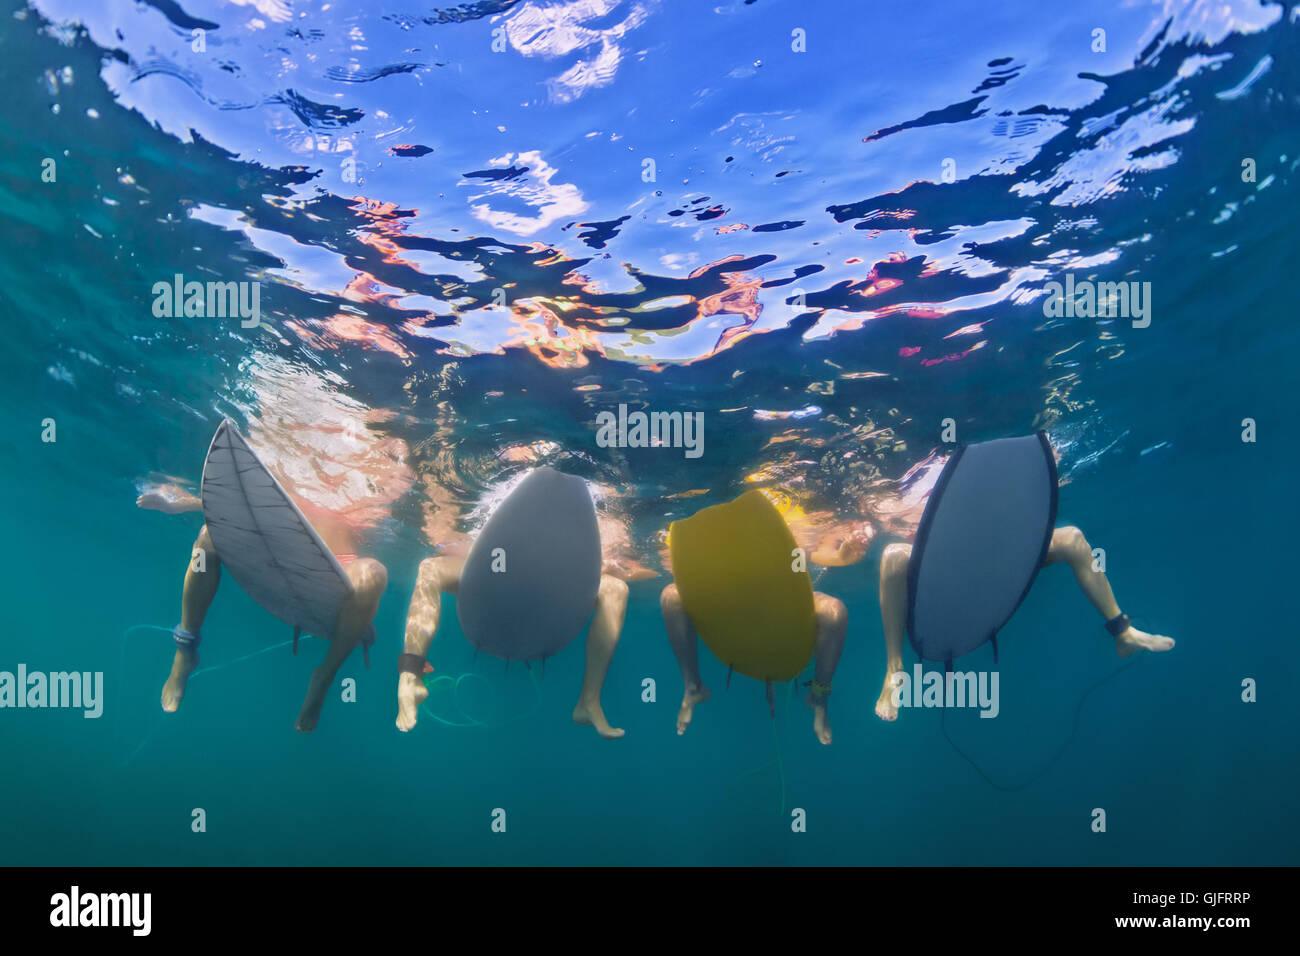 Giovani ragazze attiva il surf in bikini - surfers sedersi sulla tavola da surf, attendere per il grande oceano Immagini Stock